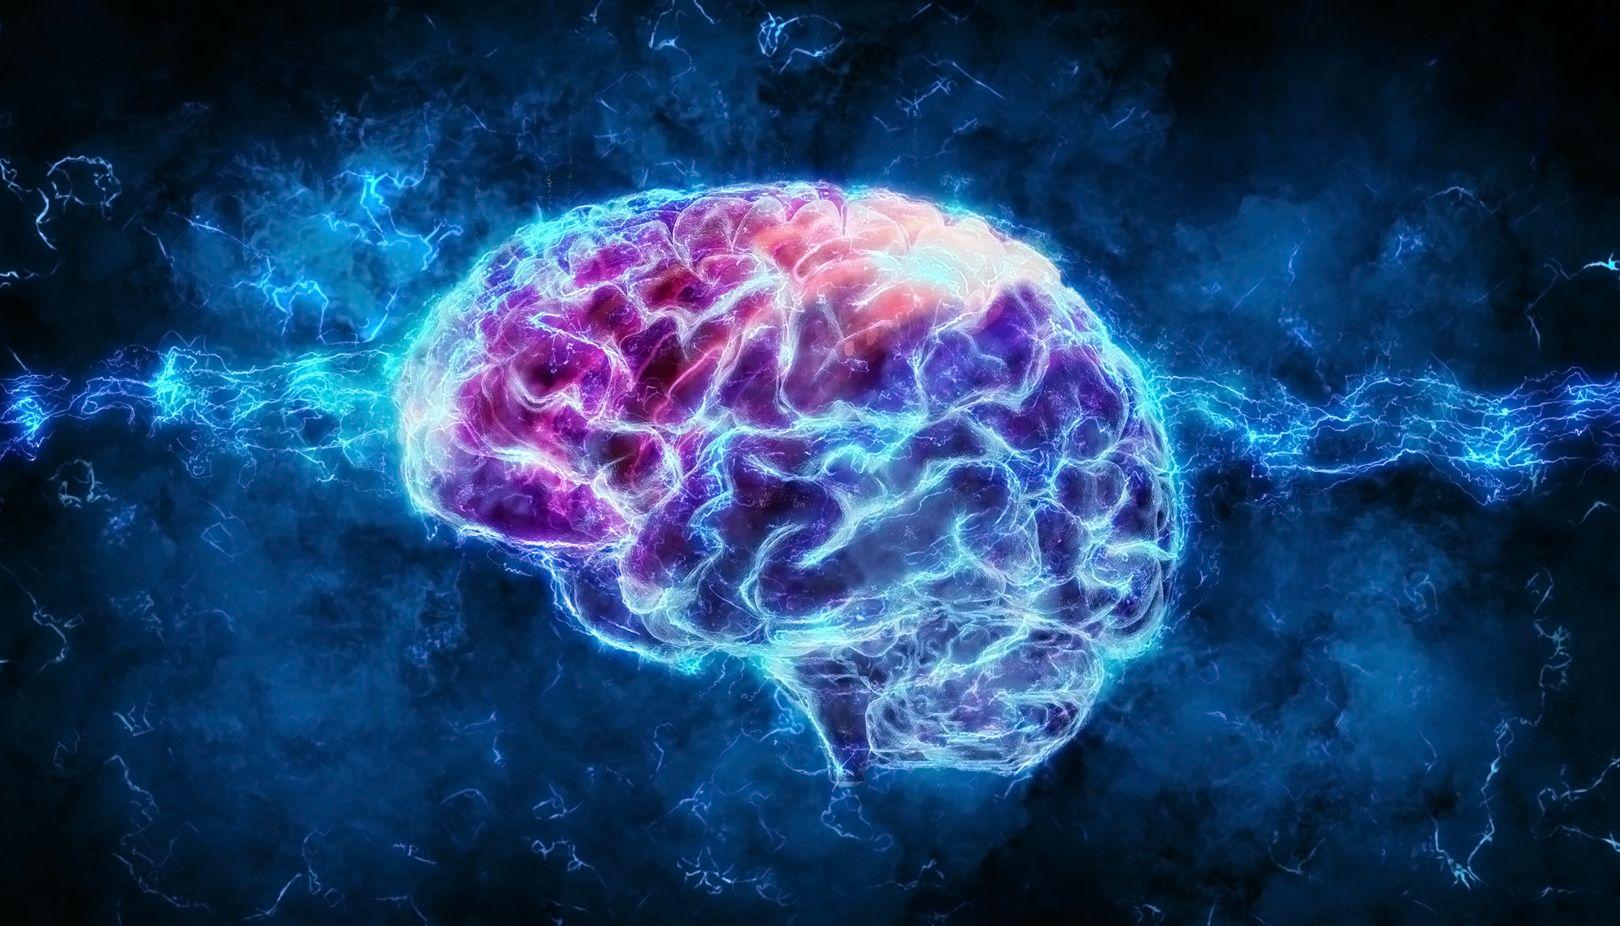 Des neuroscientifiques ont découvert un nouveau type de signal dans le cerveau humain [Vidéo]